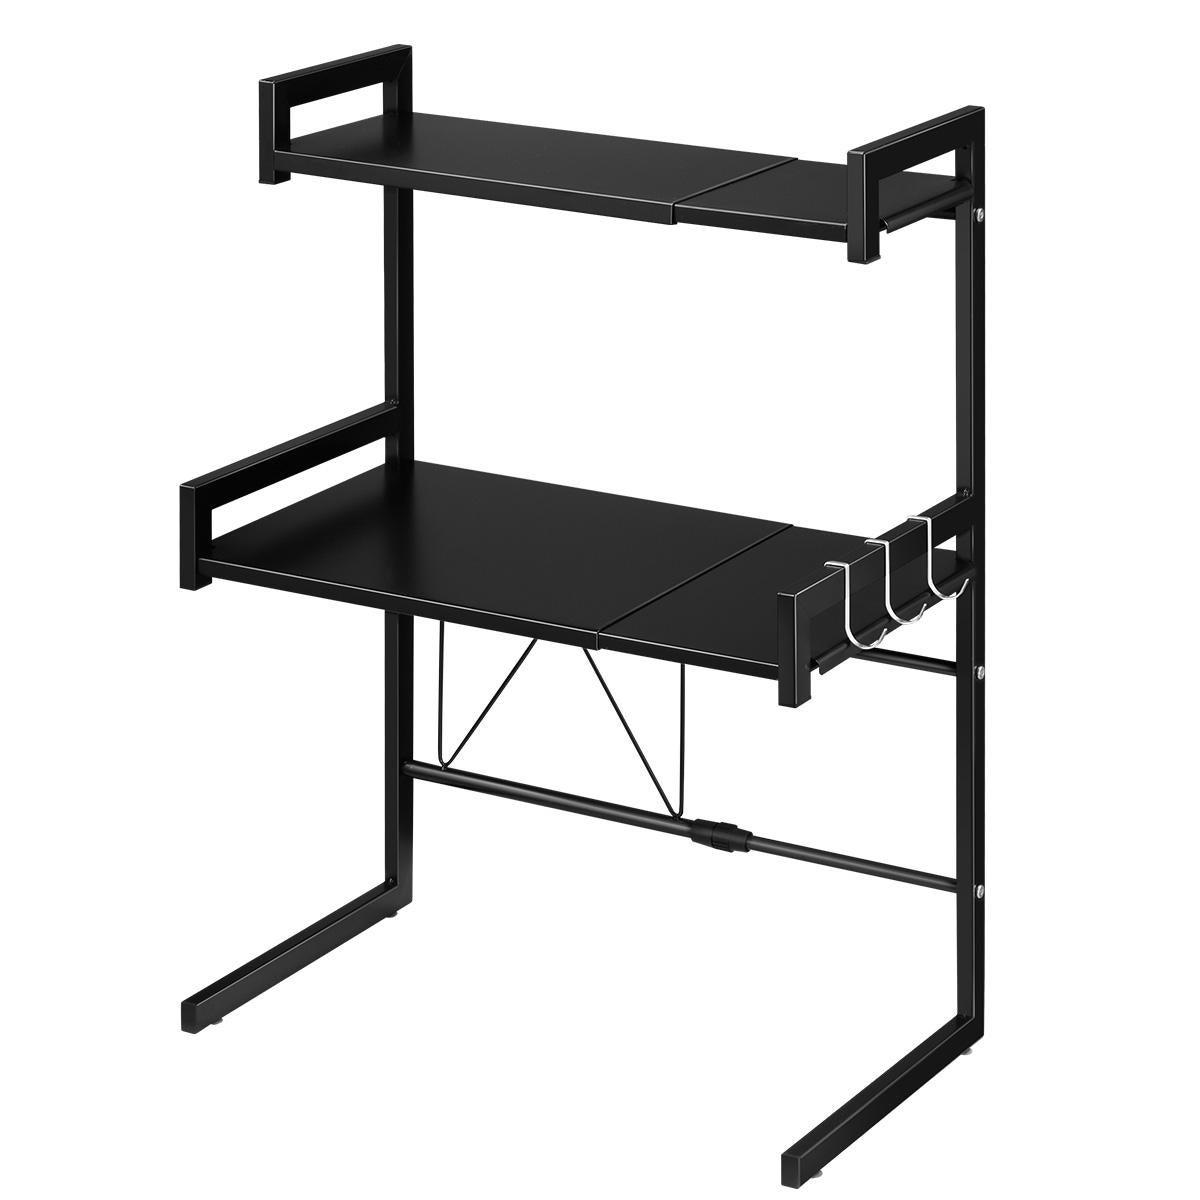 3 tier kitchen shelf microwave stand rack steel storage shelf organizer black kitchen cabinet drawer boxes